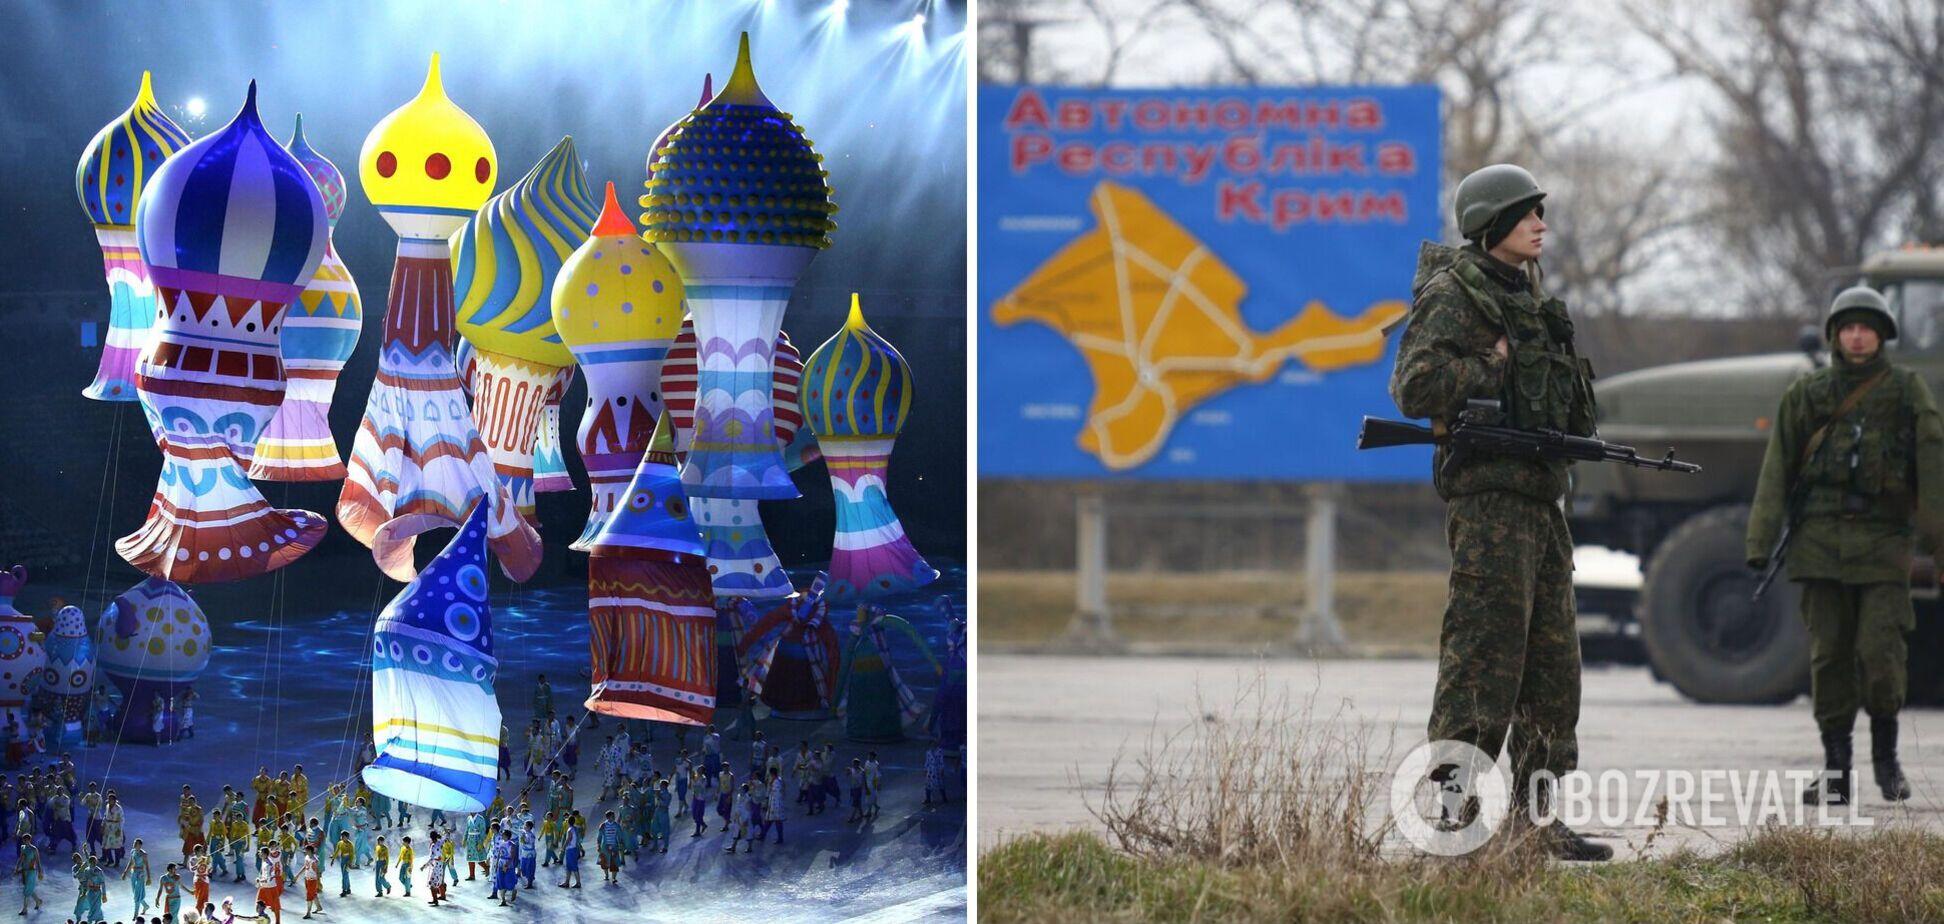 'Слуга' заявила, що Олімпіада в Сочі була прикриттям підготовки до окупації Криму